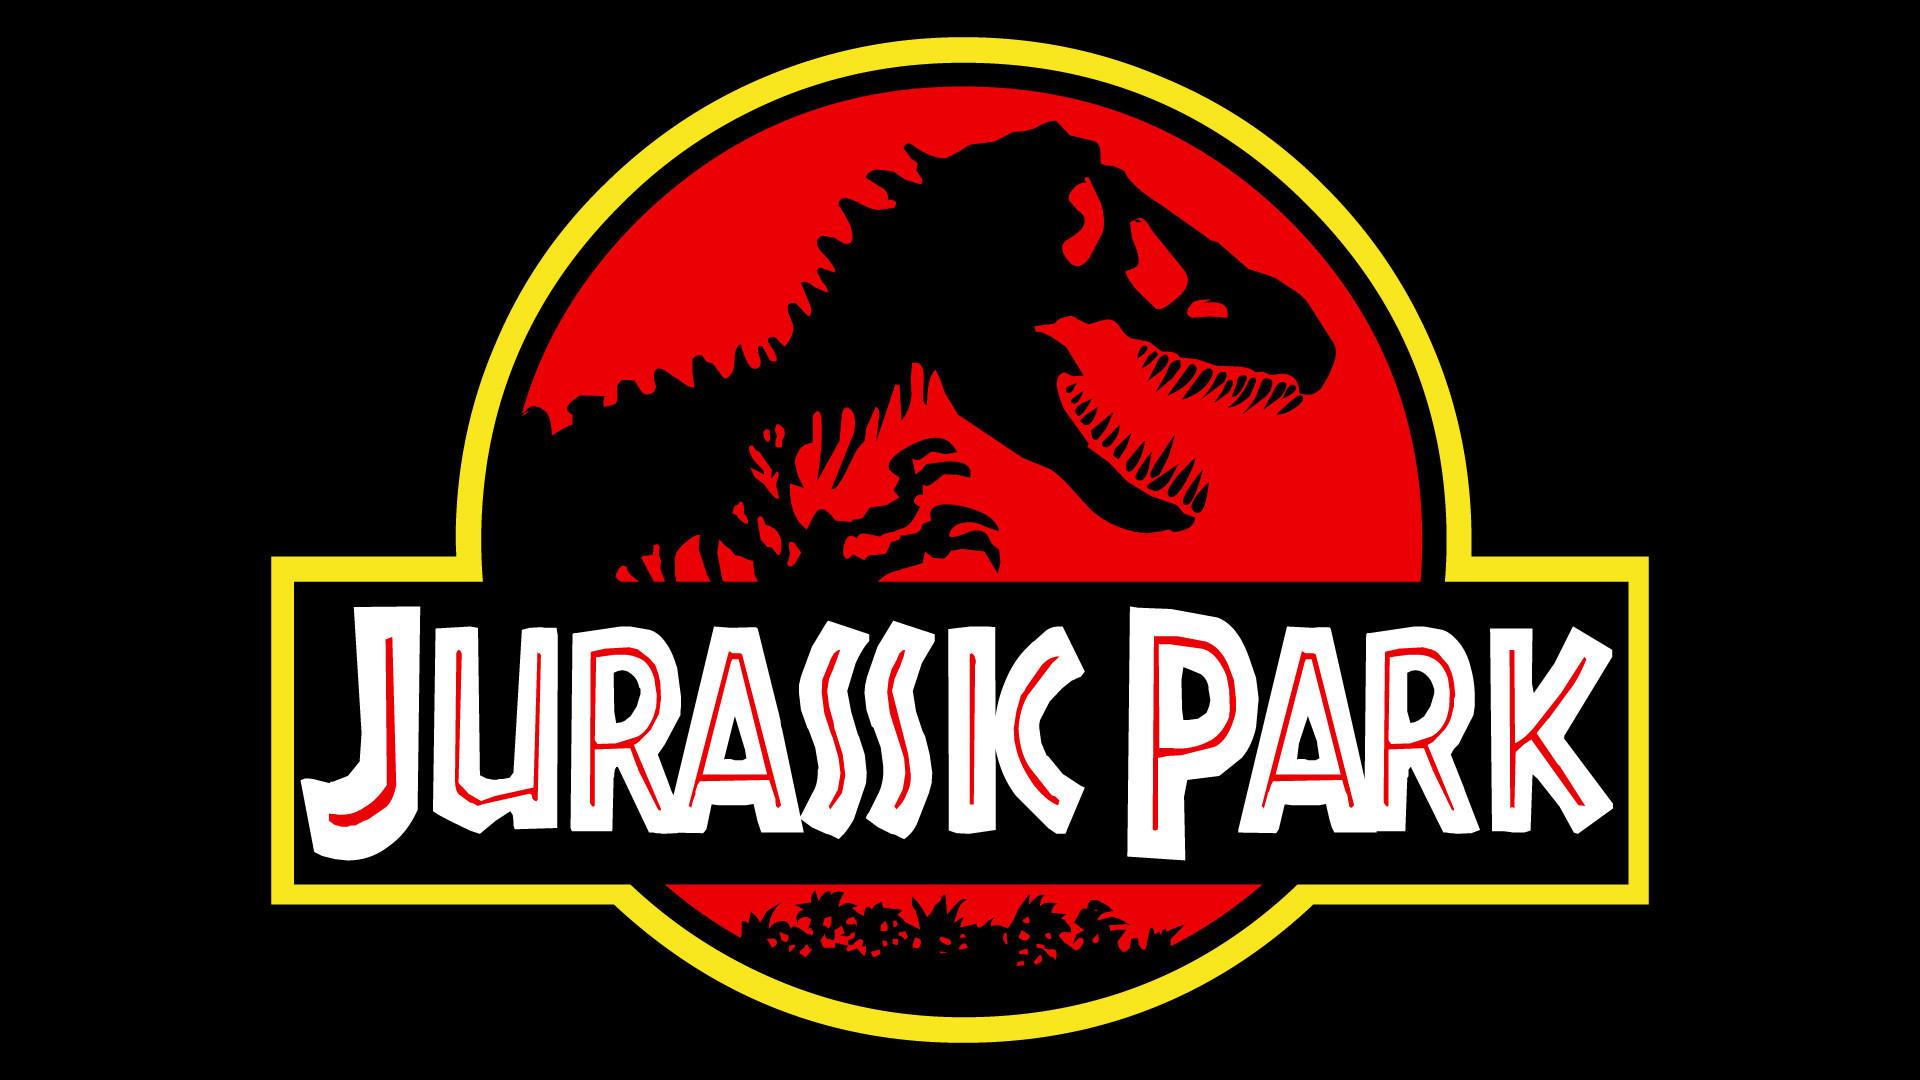 jurassic park movie online